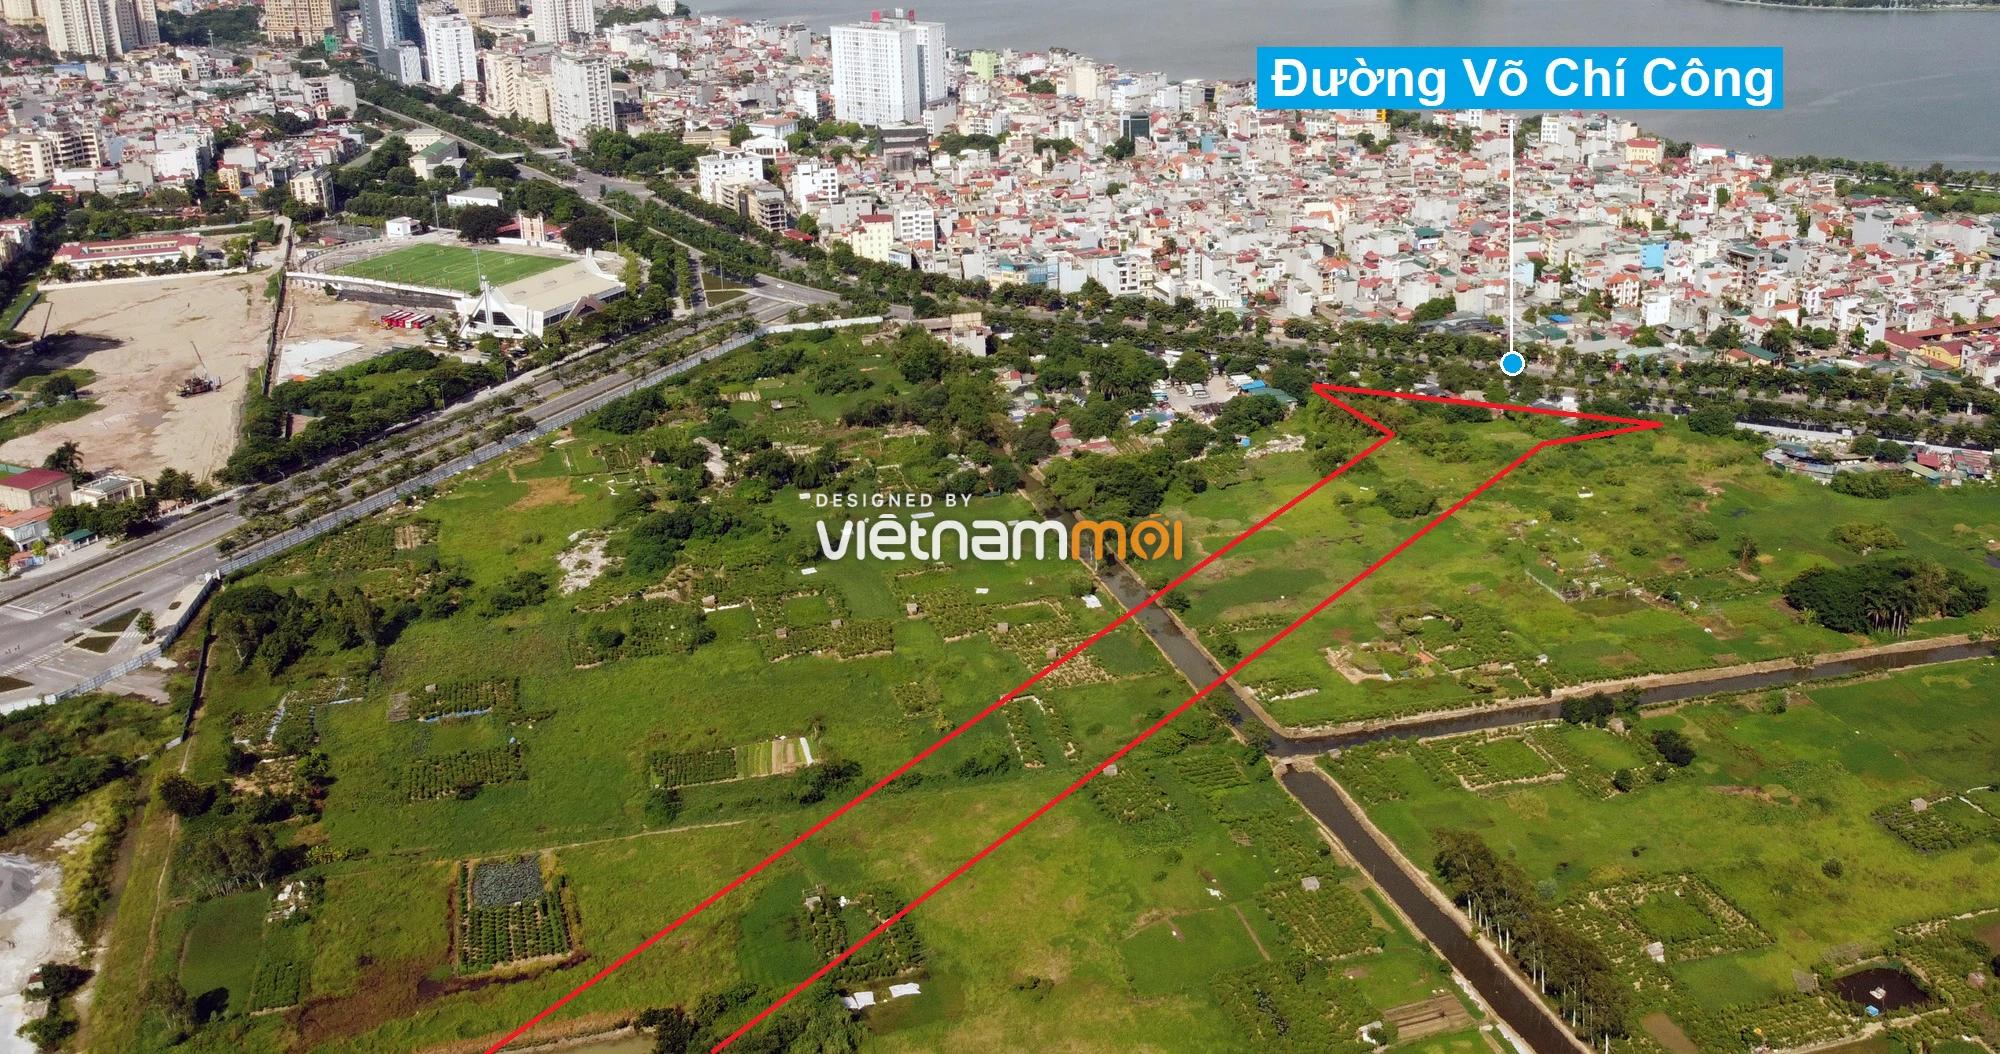 Những khu đất sắp thu hồi để mở đường ở quận Tây Hồ, Hà Nội (phần 2) - Ảnh 5.